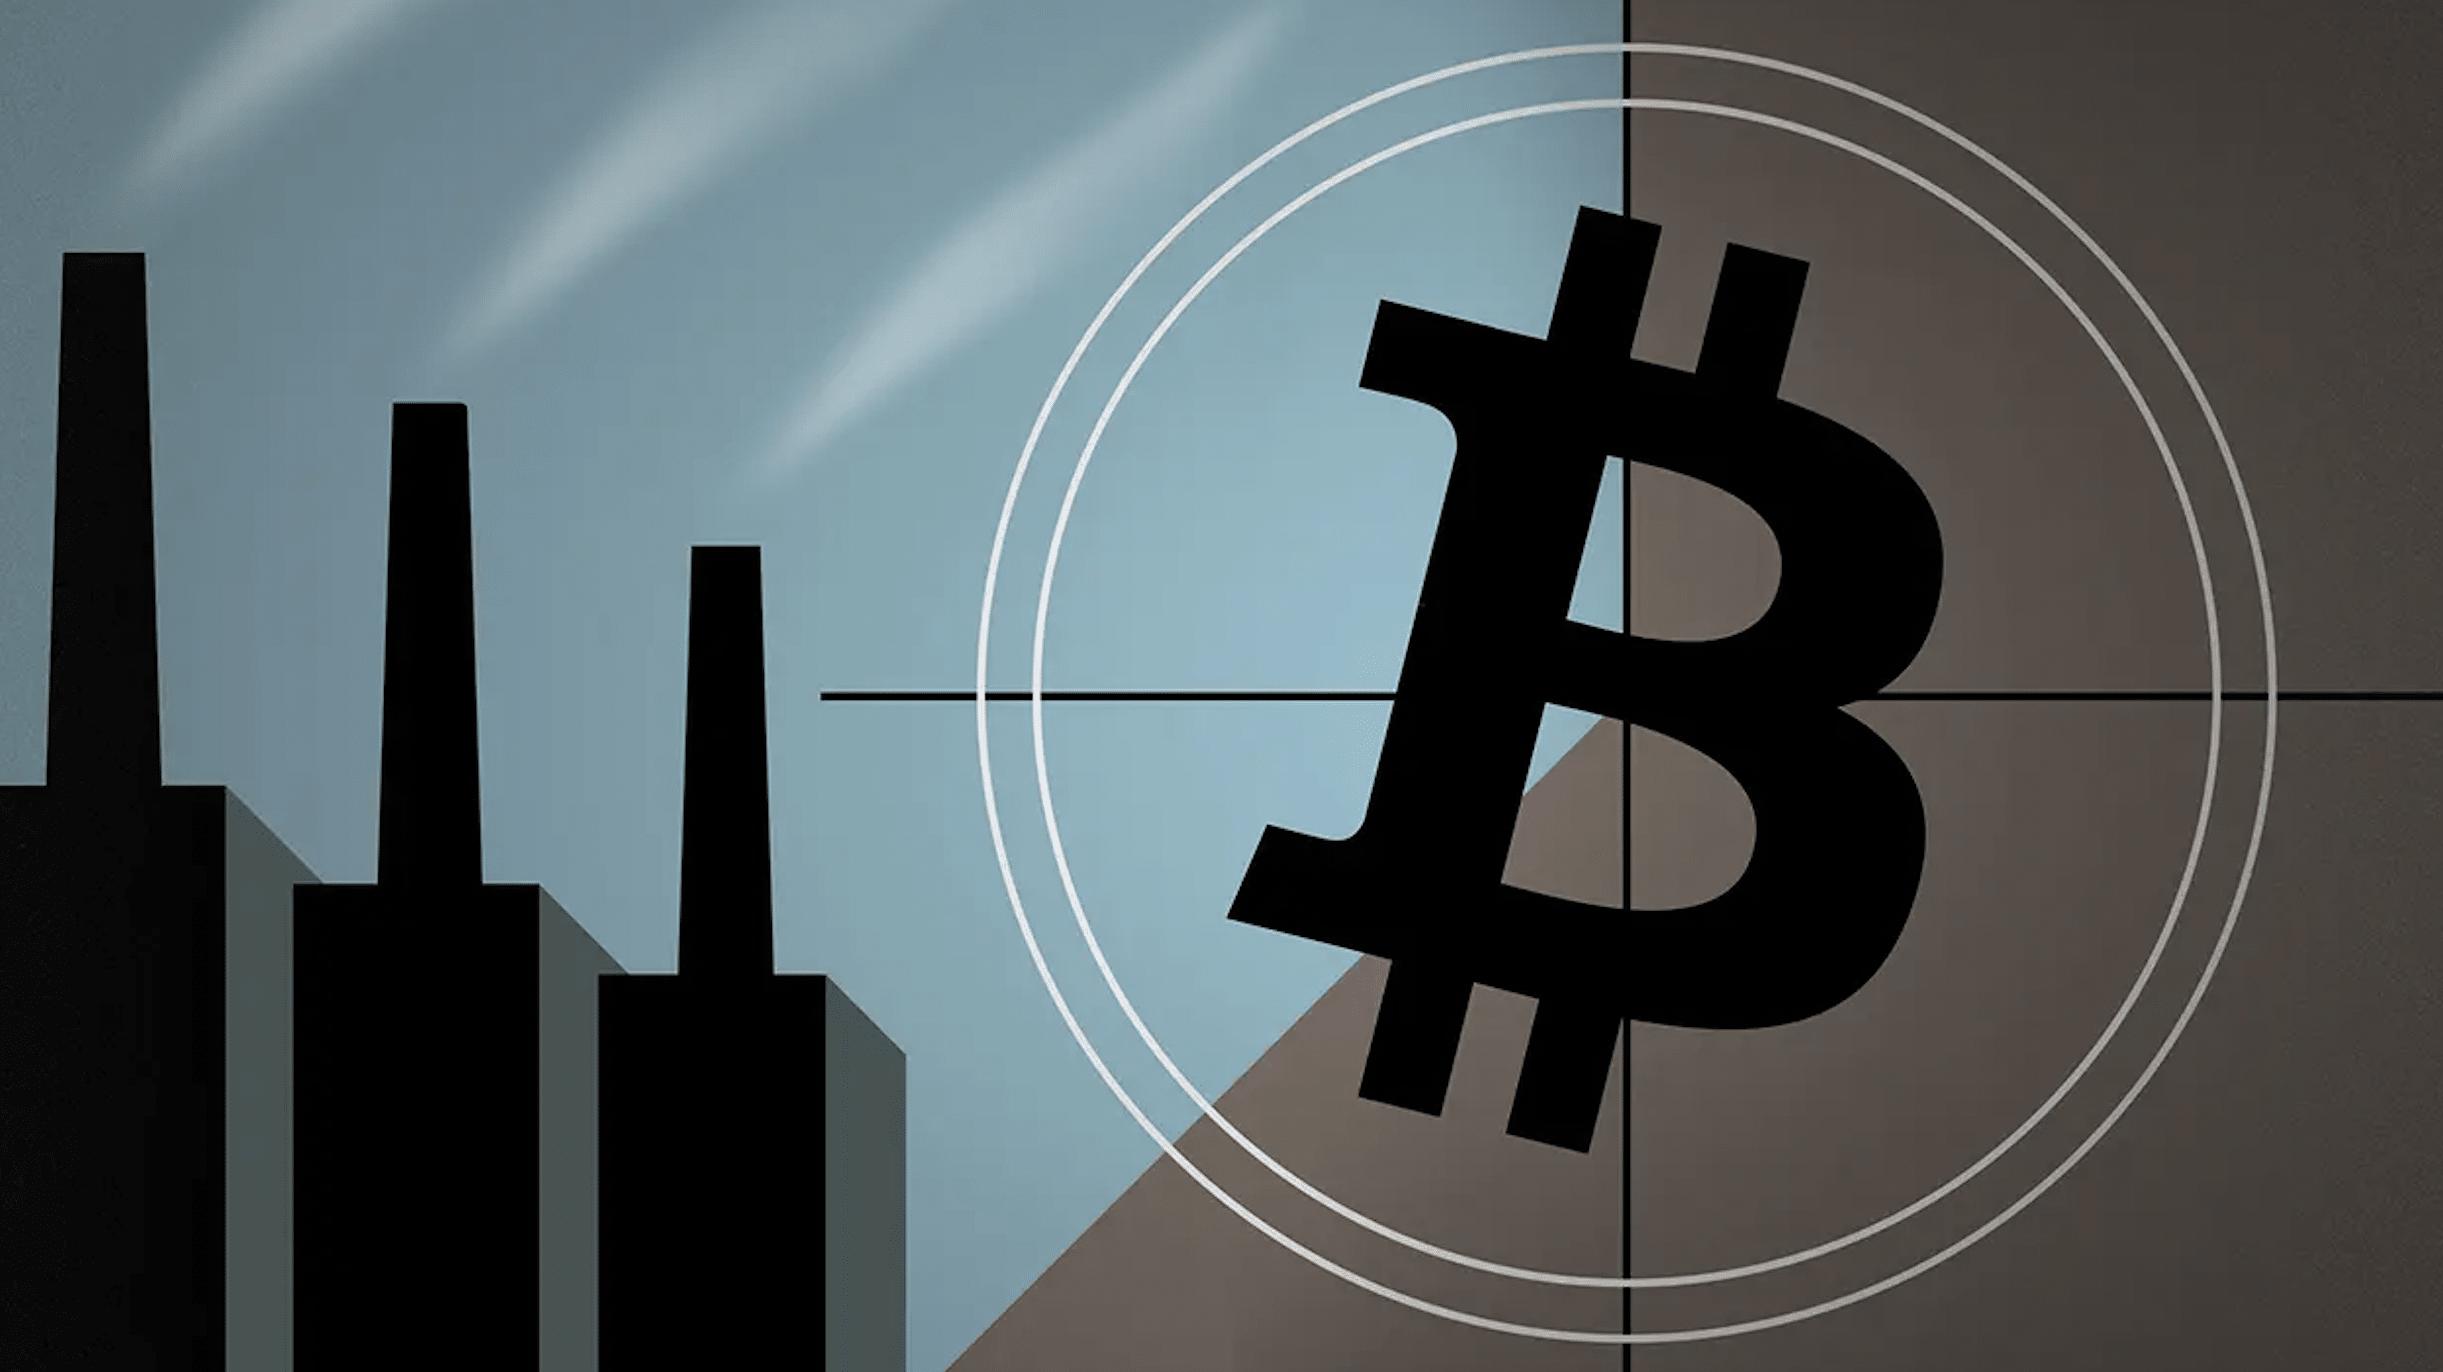 binäre optionen no-touch zukunft der kryptowährung als investition